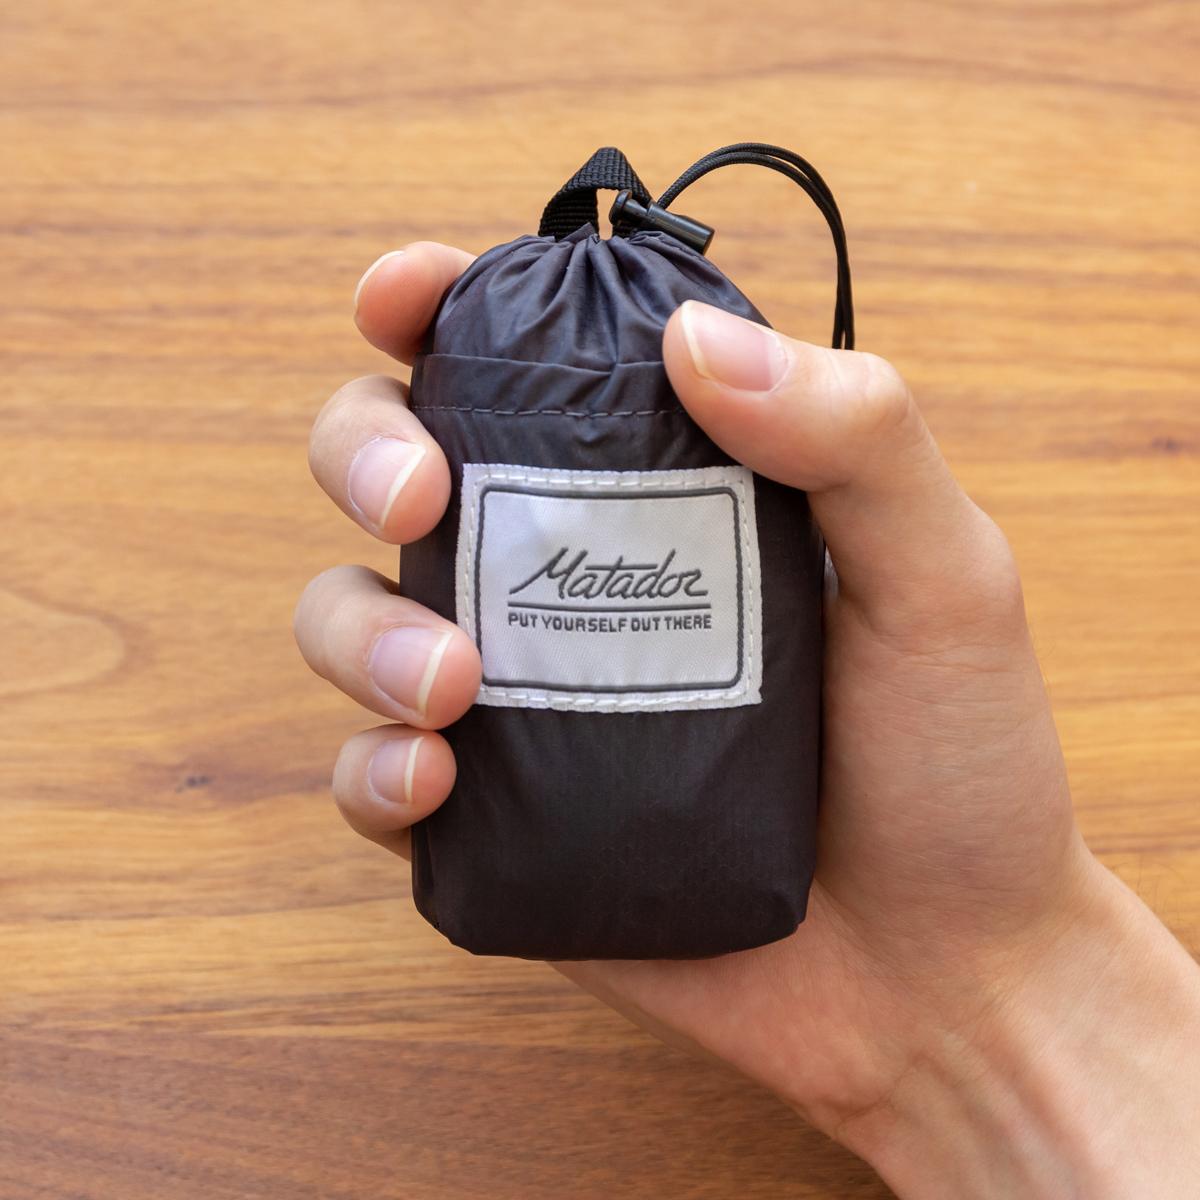 手のひらサイズになる大容量バッグ|旅先や日常生活でアクティブに動き回れる!手のひらサイズにたためる防水仕様の「ウエストバッグ」| Matador DAYLITE HIP PACK